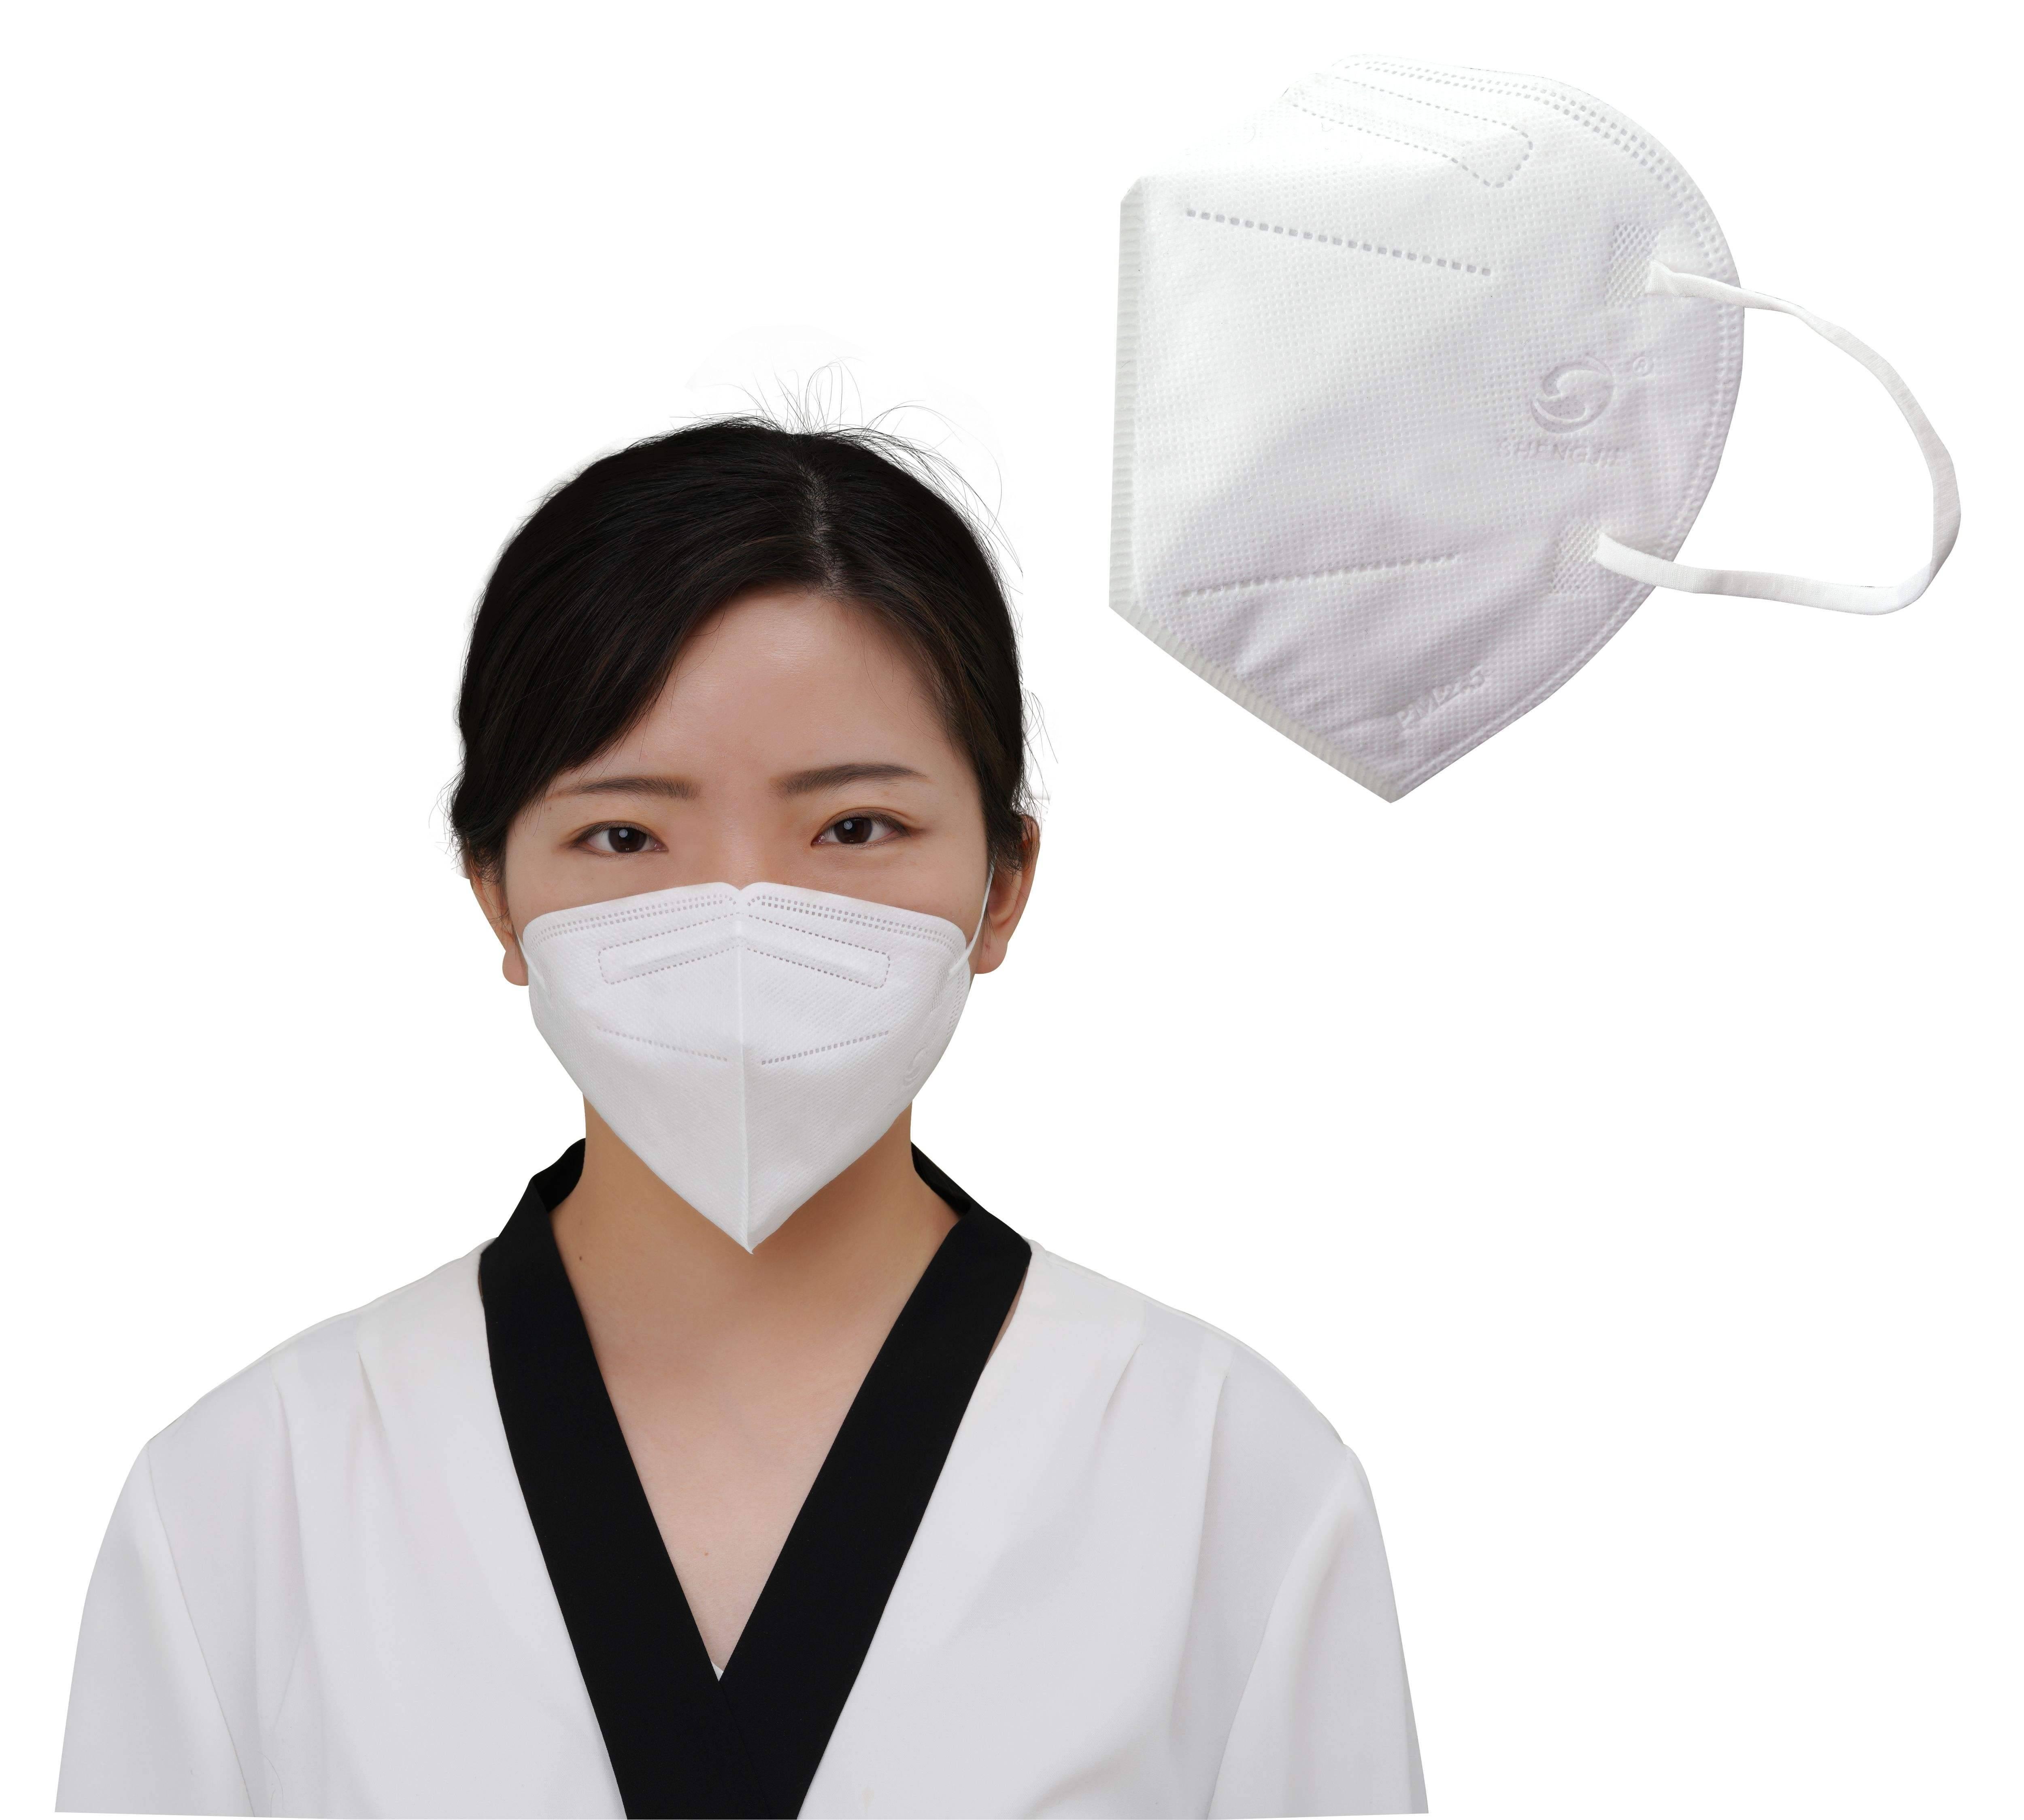 Медицинская маска многоразовая своими руками из ткани, как сшить маску для лица — пошаговая инструкция